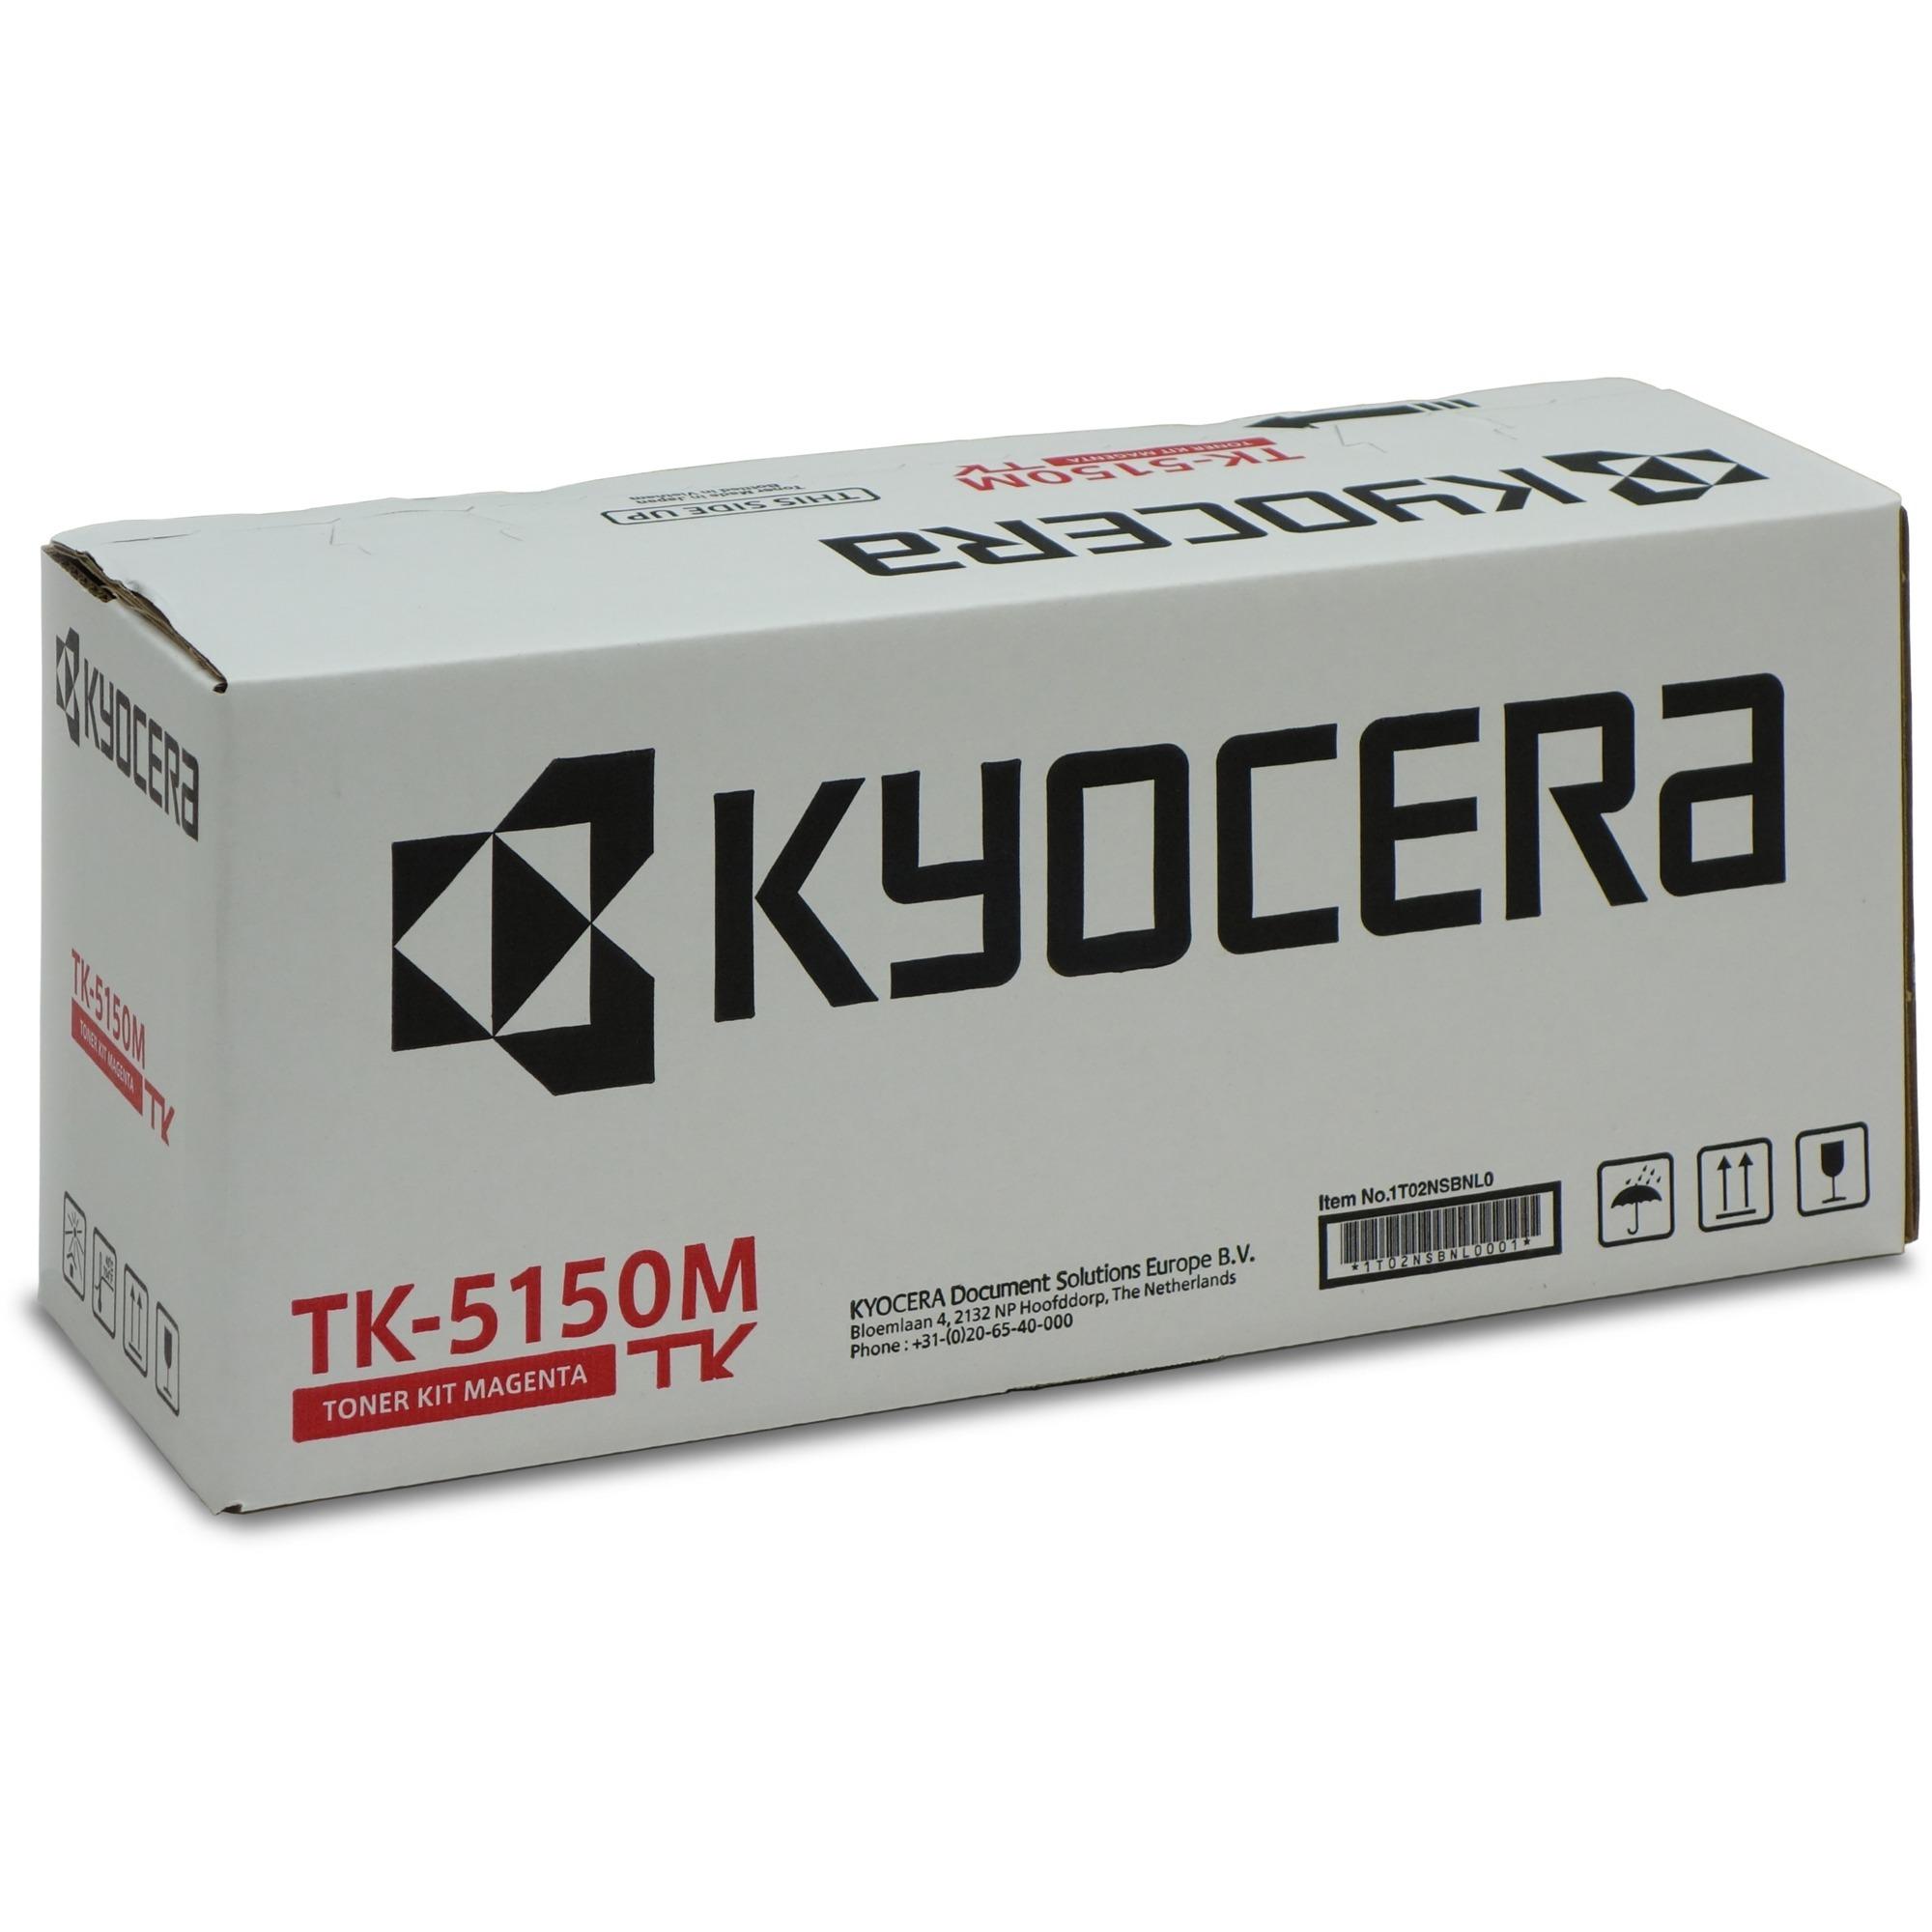 tk-5150m